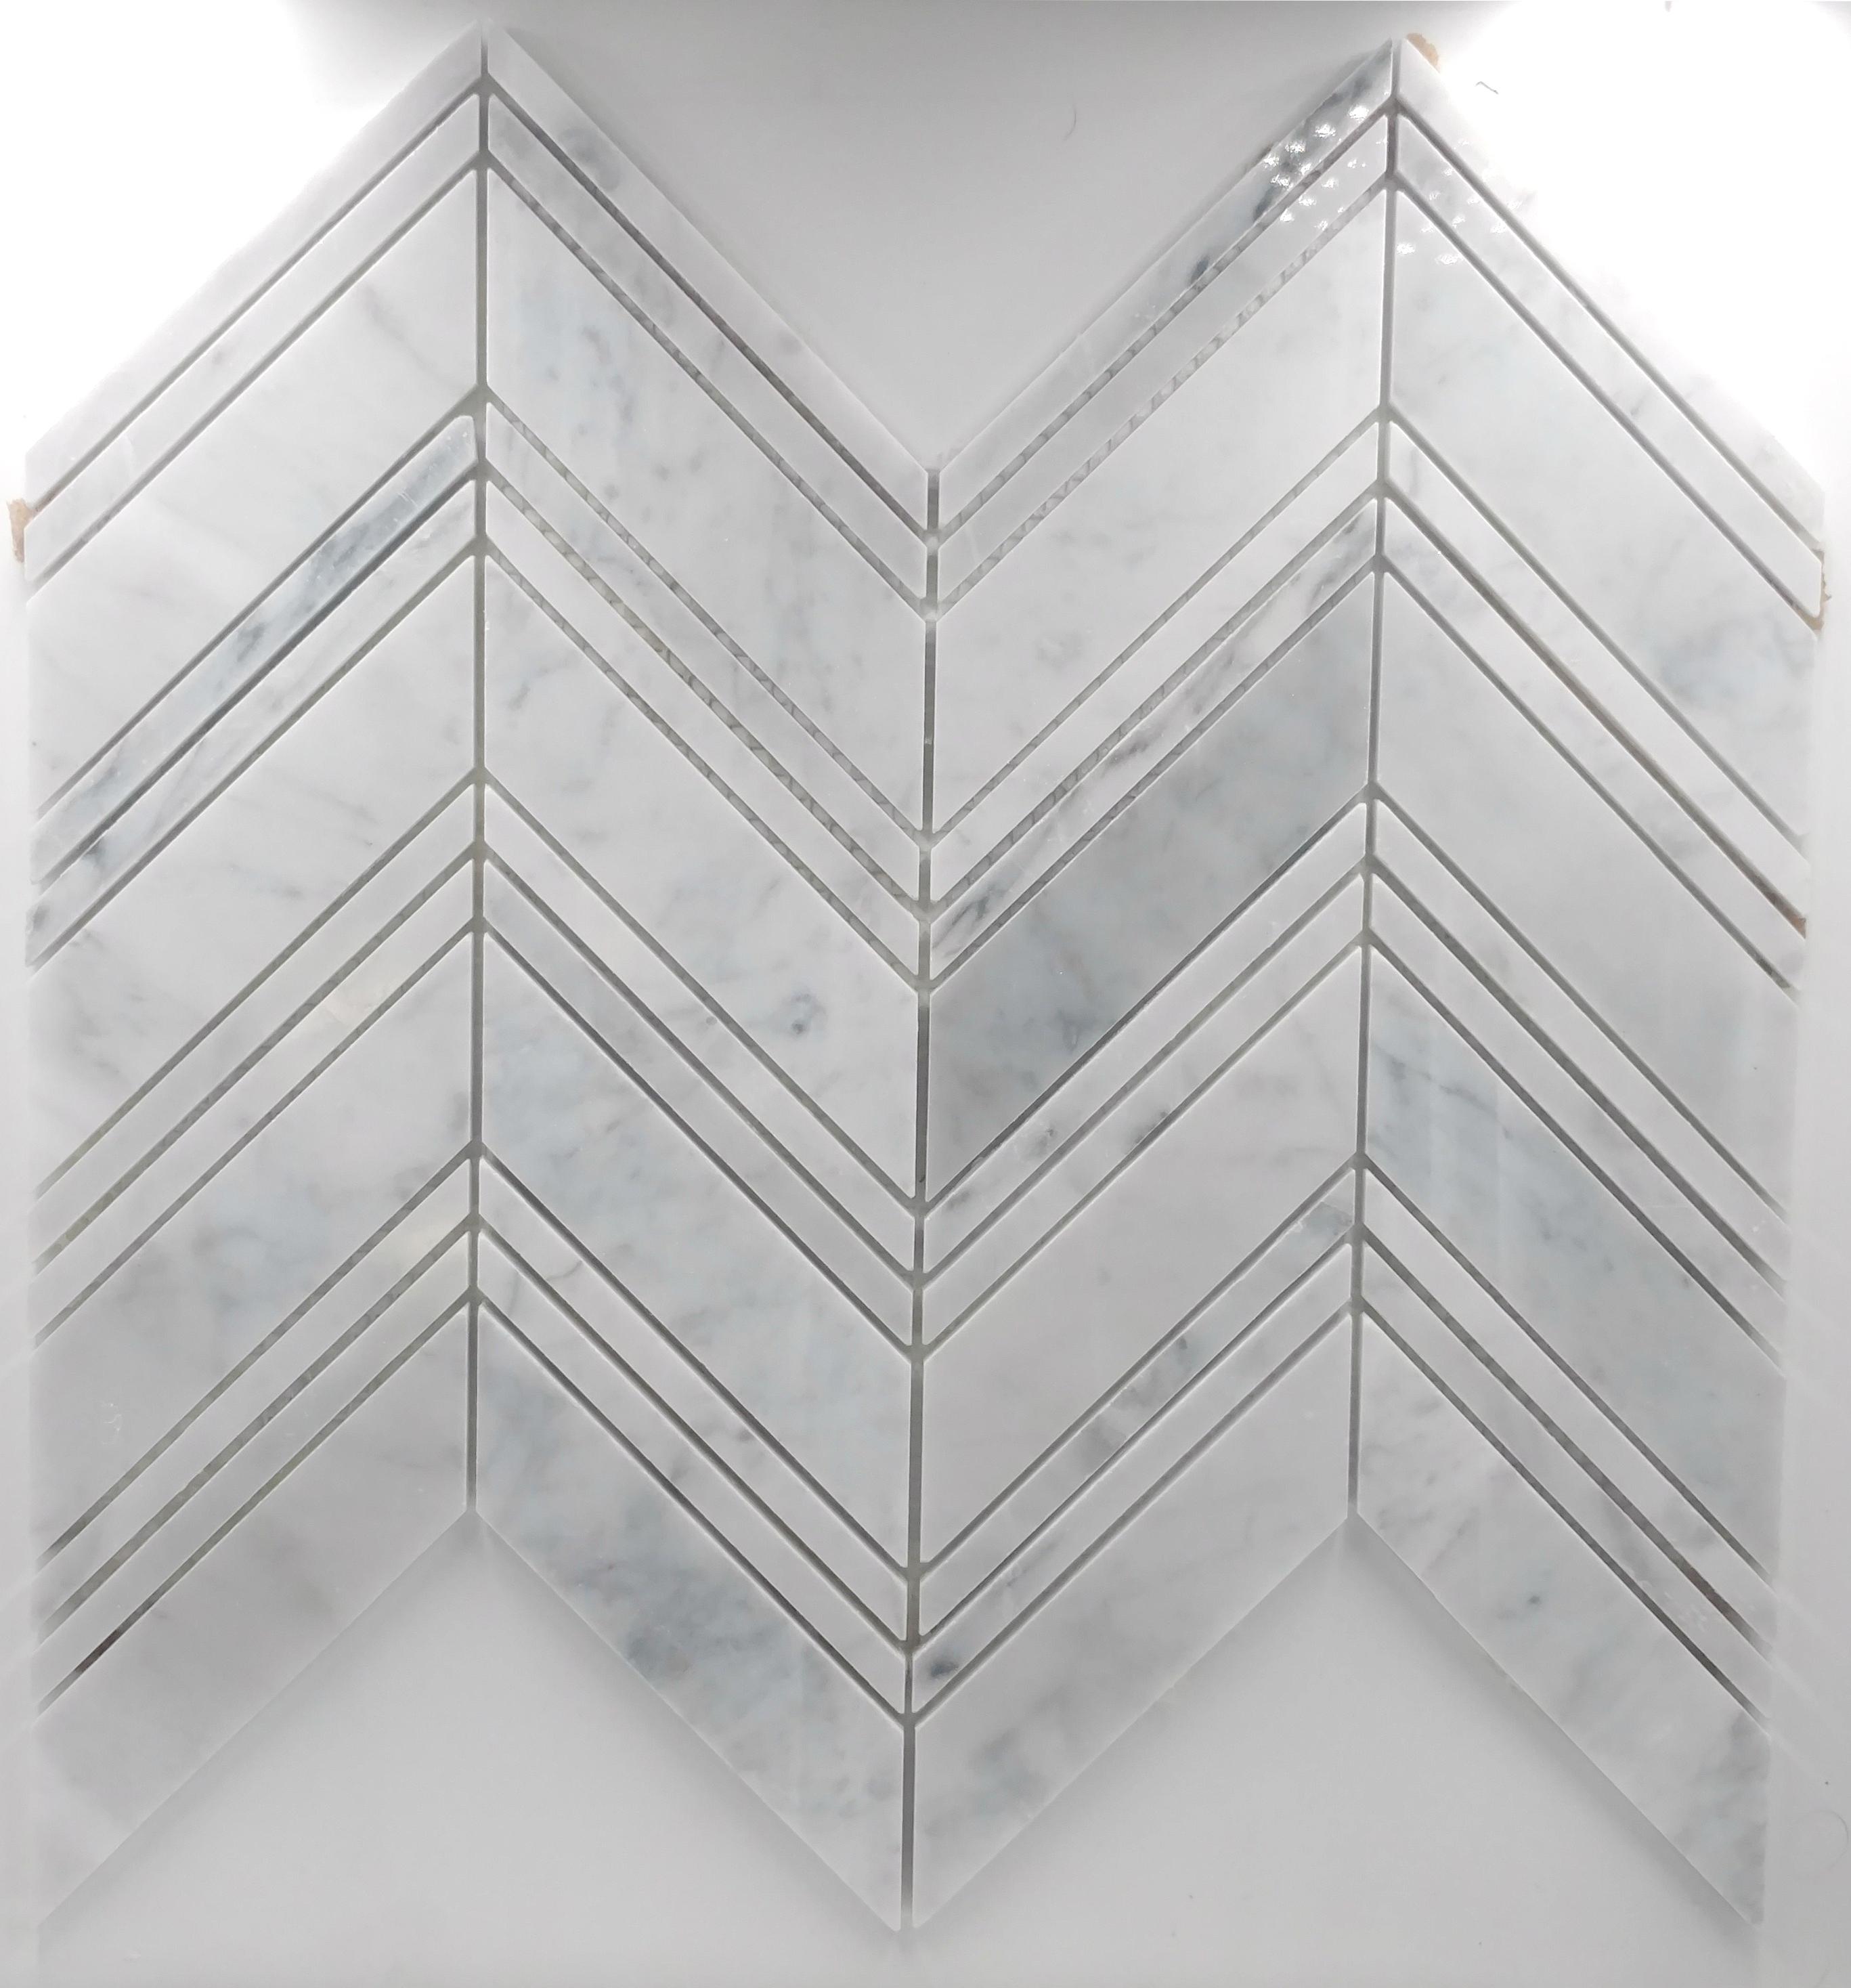 Peak and valley carrara bella casa tile collection for Bella casa tiles